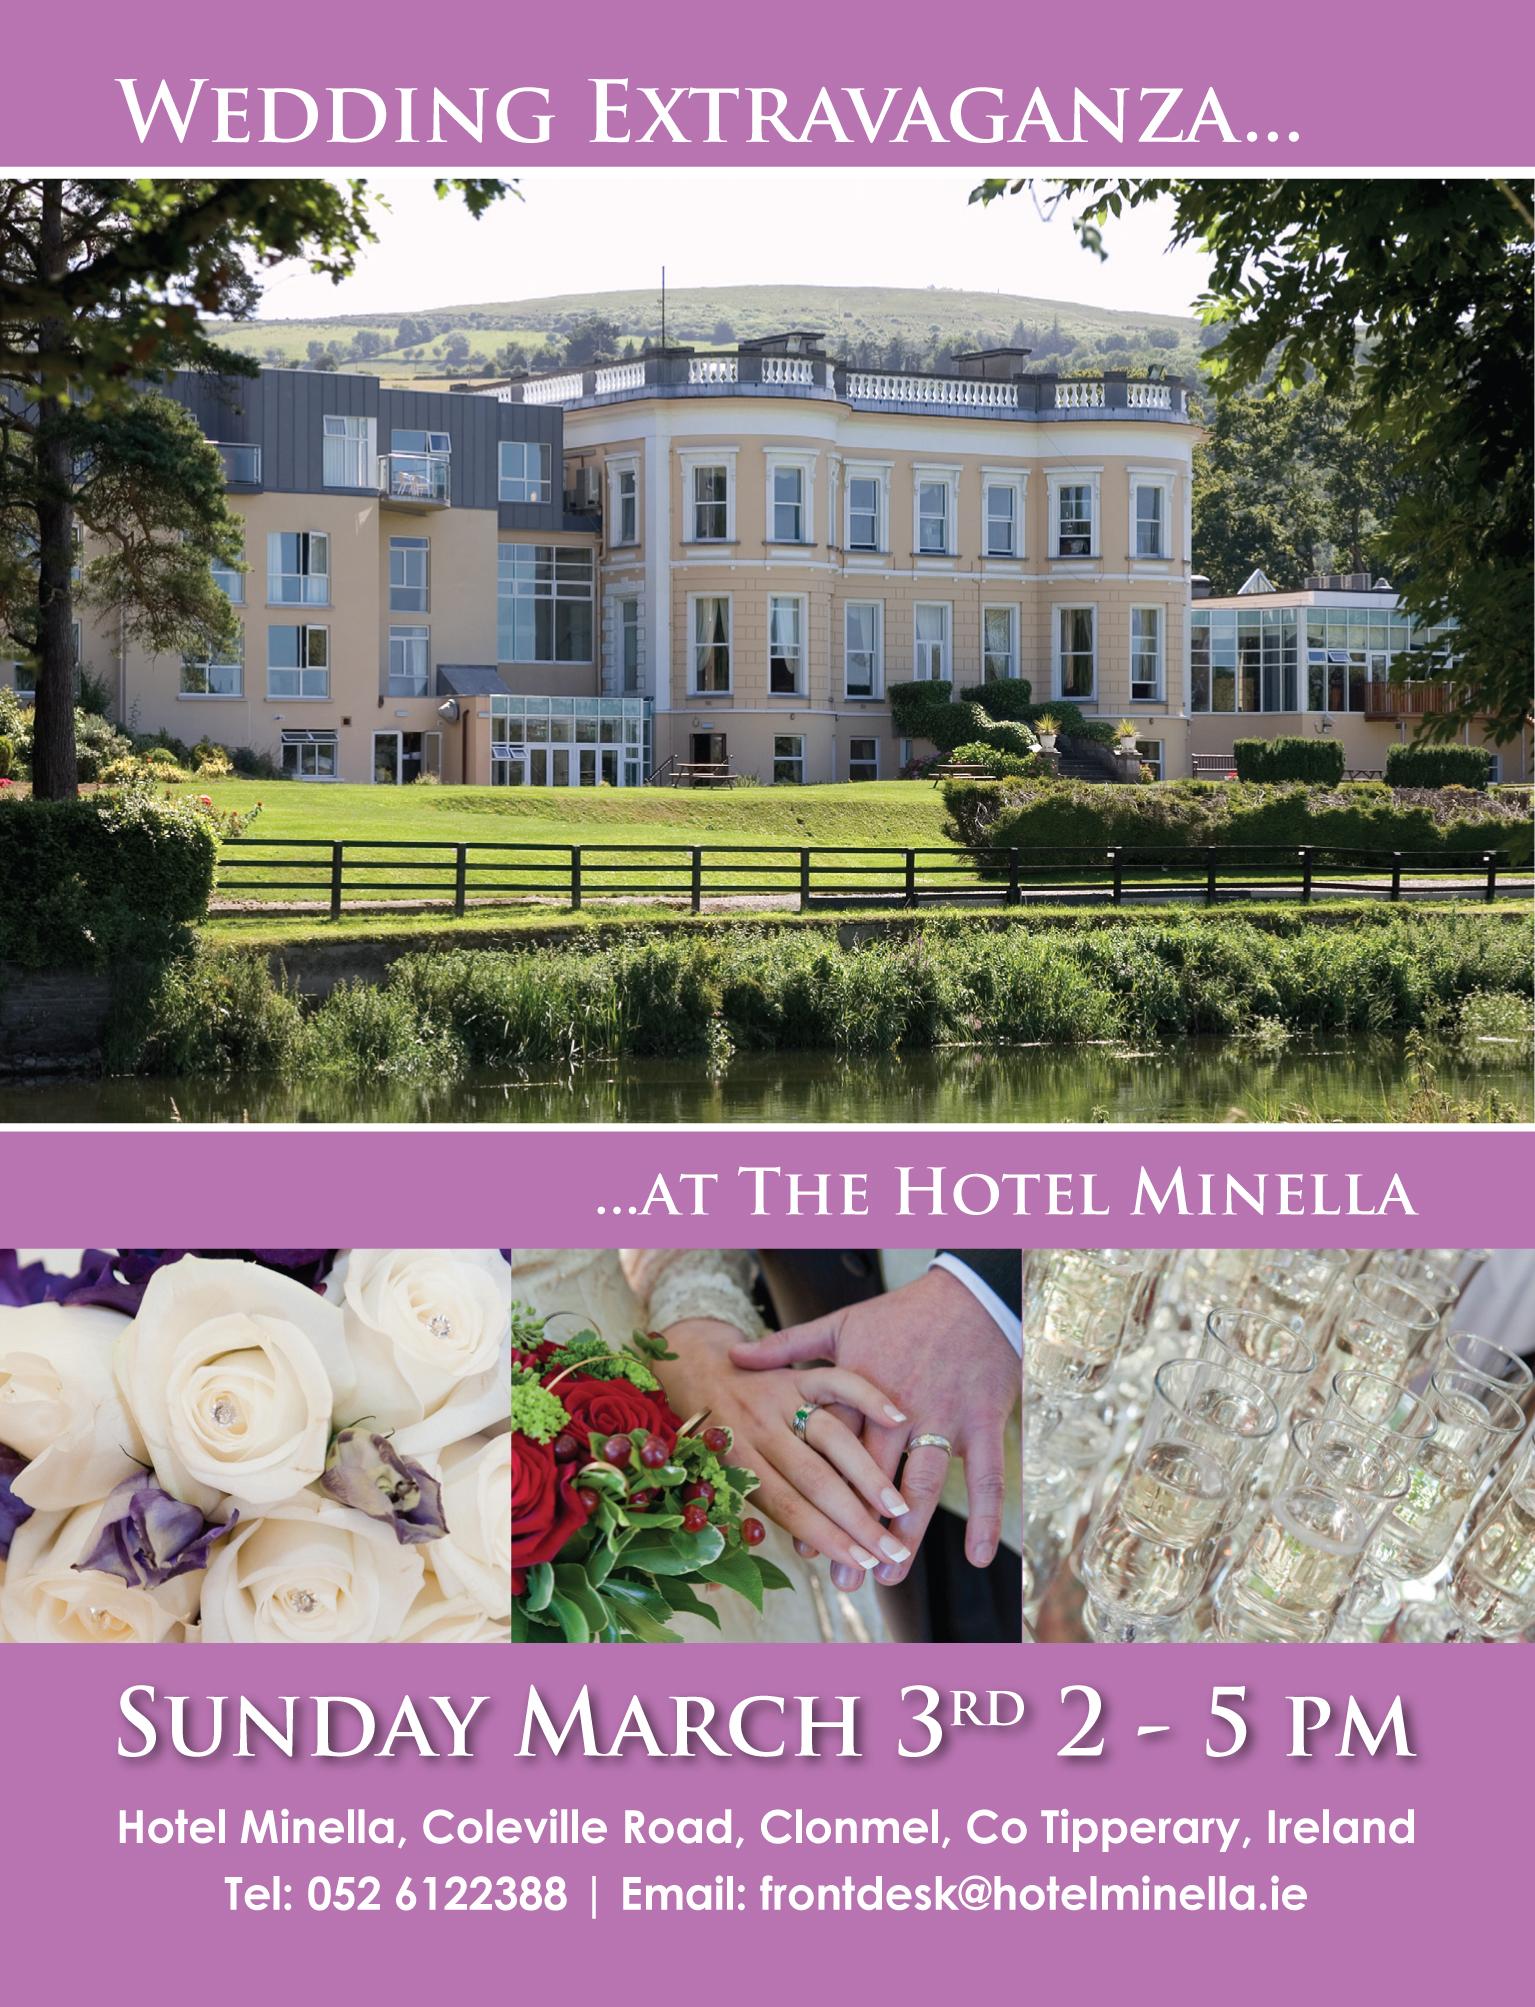 Hotel Minella Clonmel wedding fair